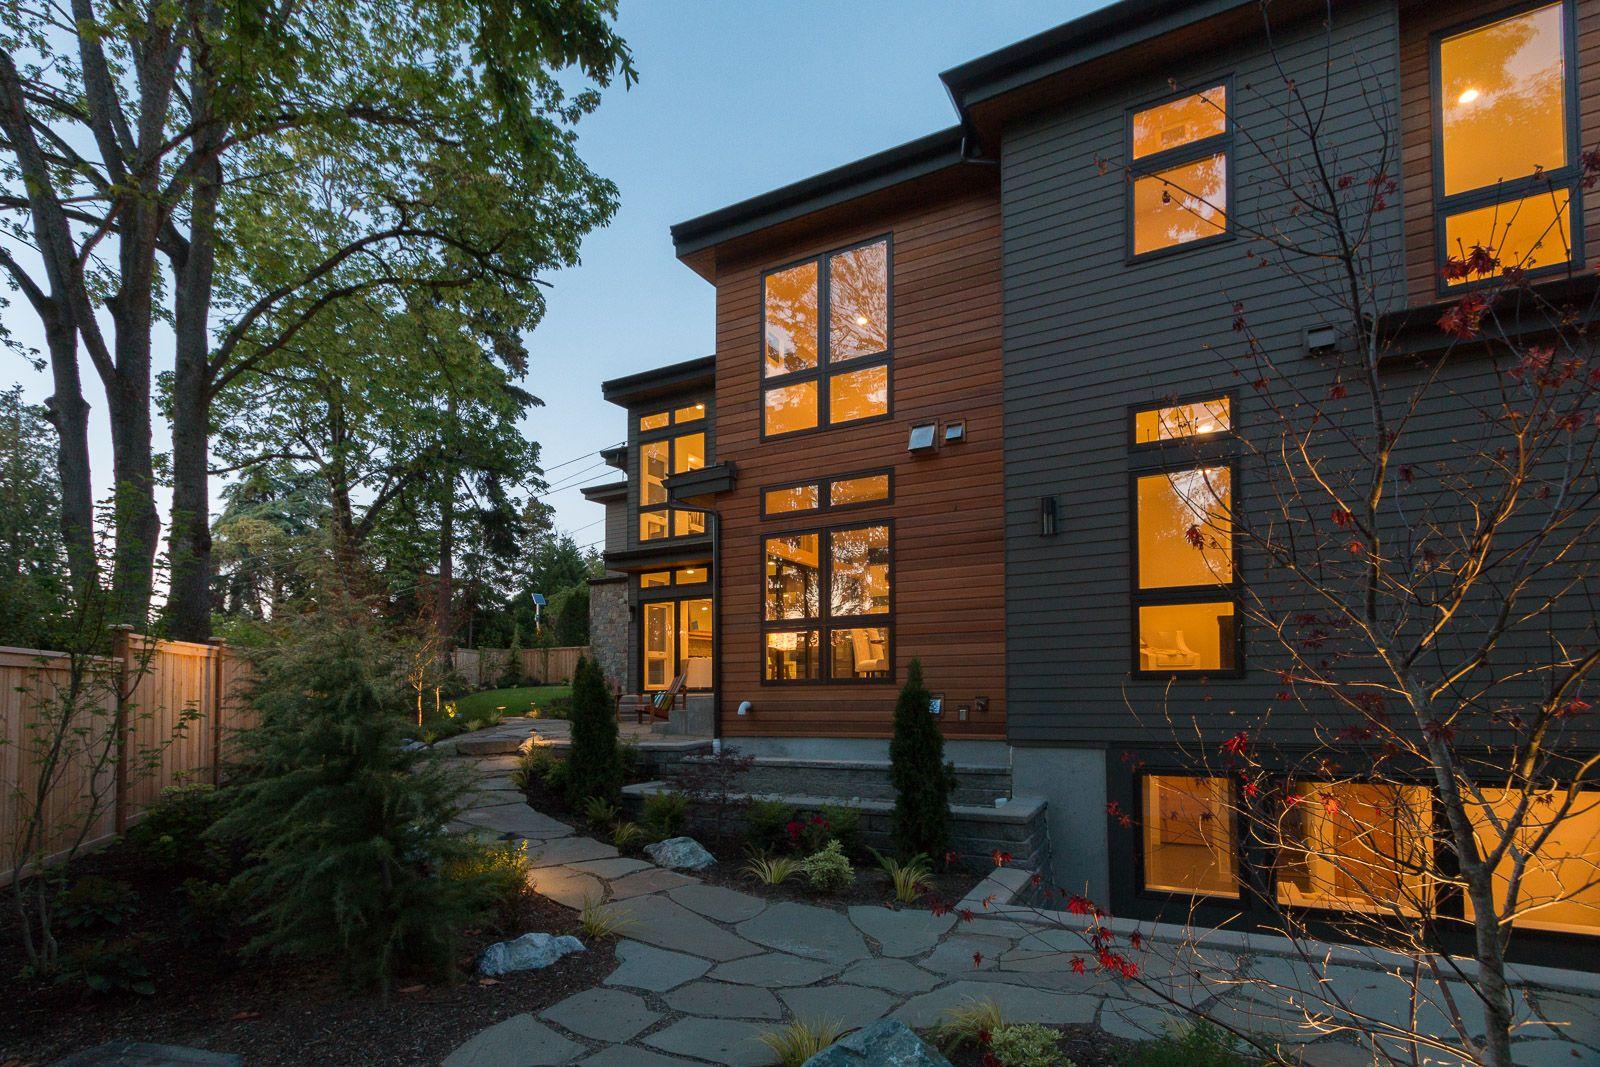 Studio 212 Interiors is a full-service interior design ...